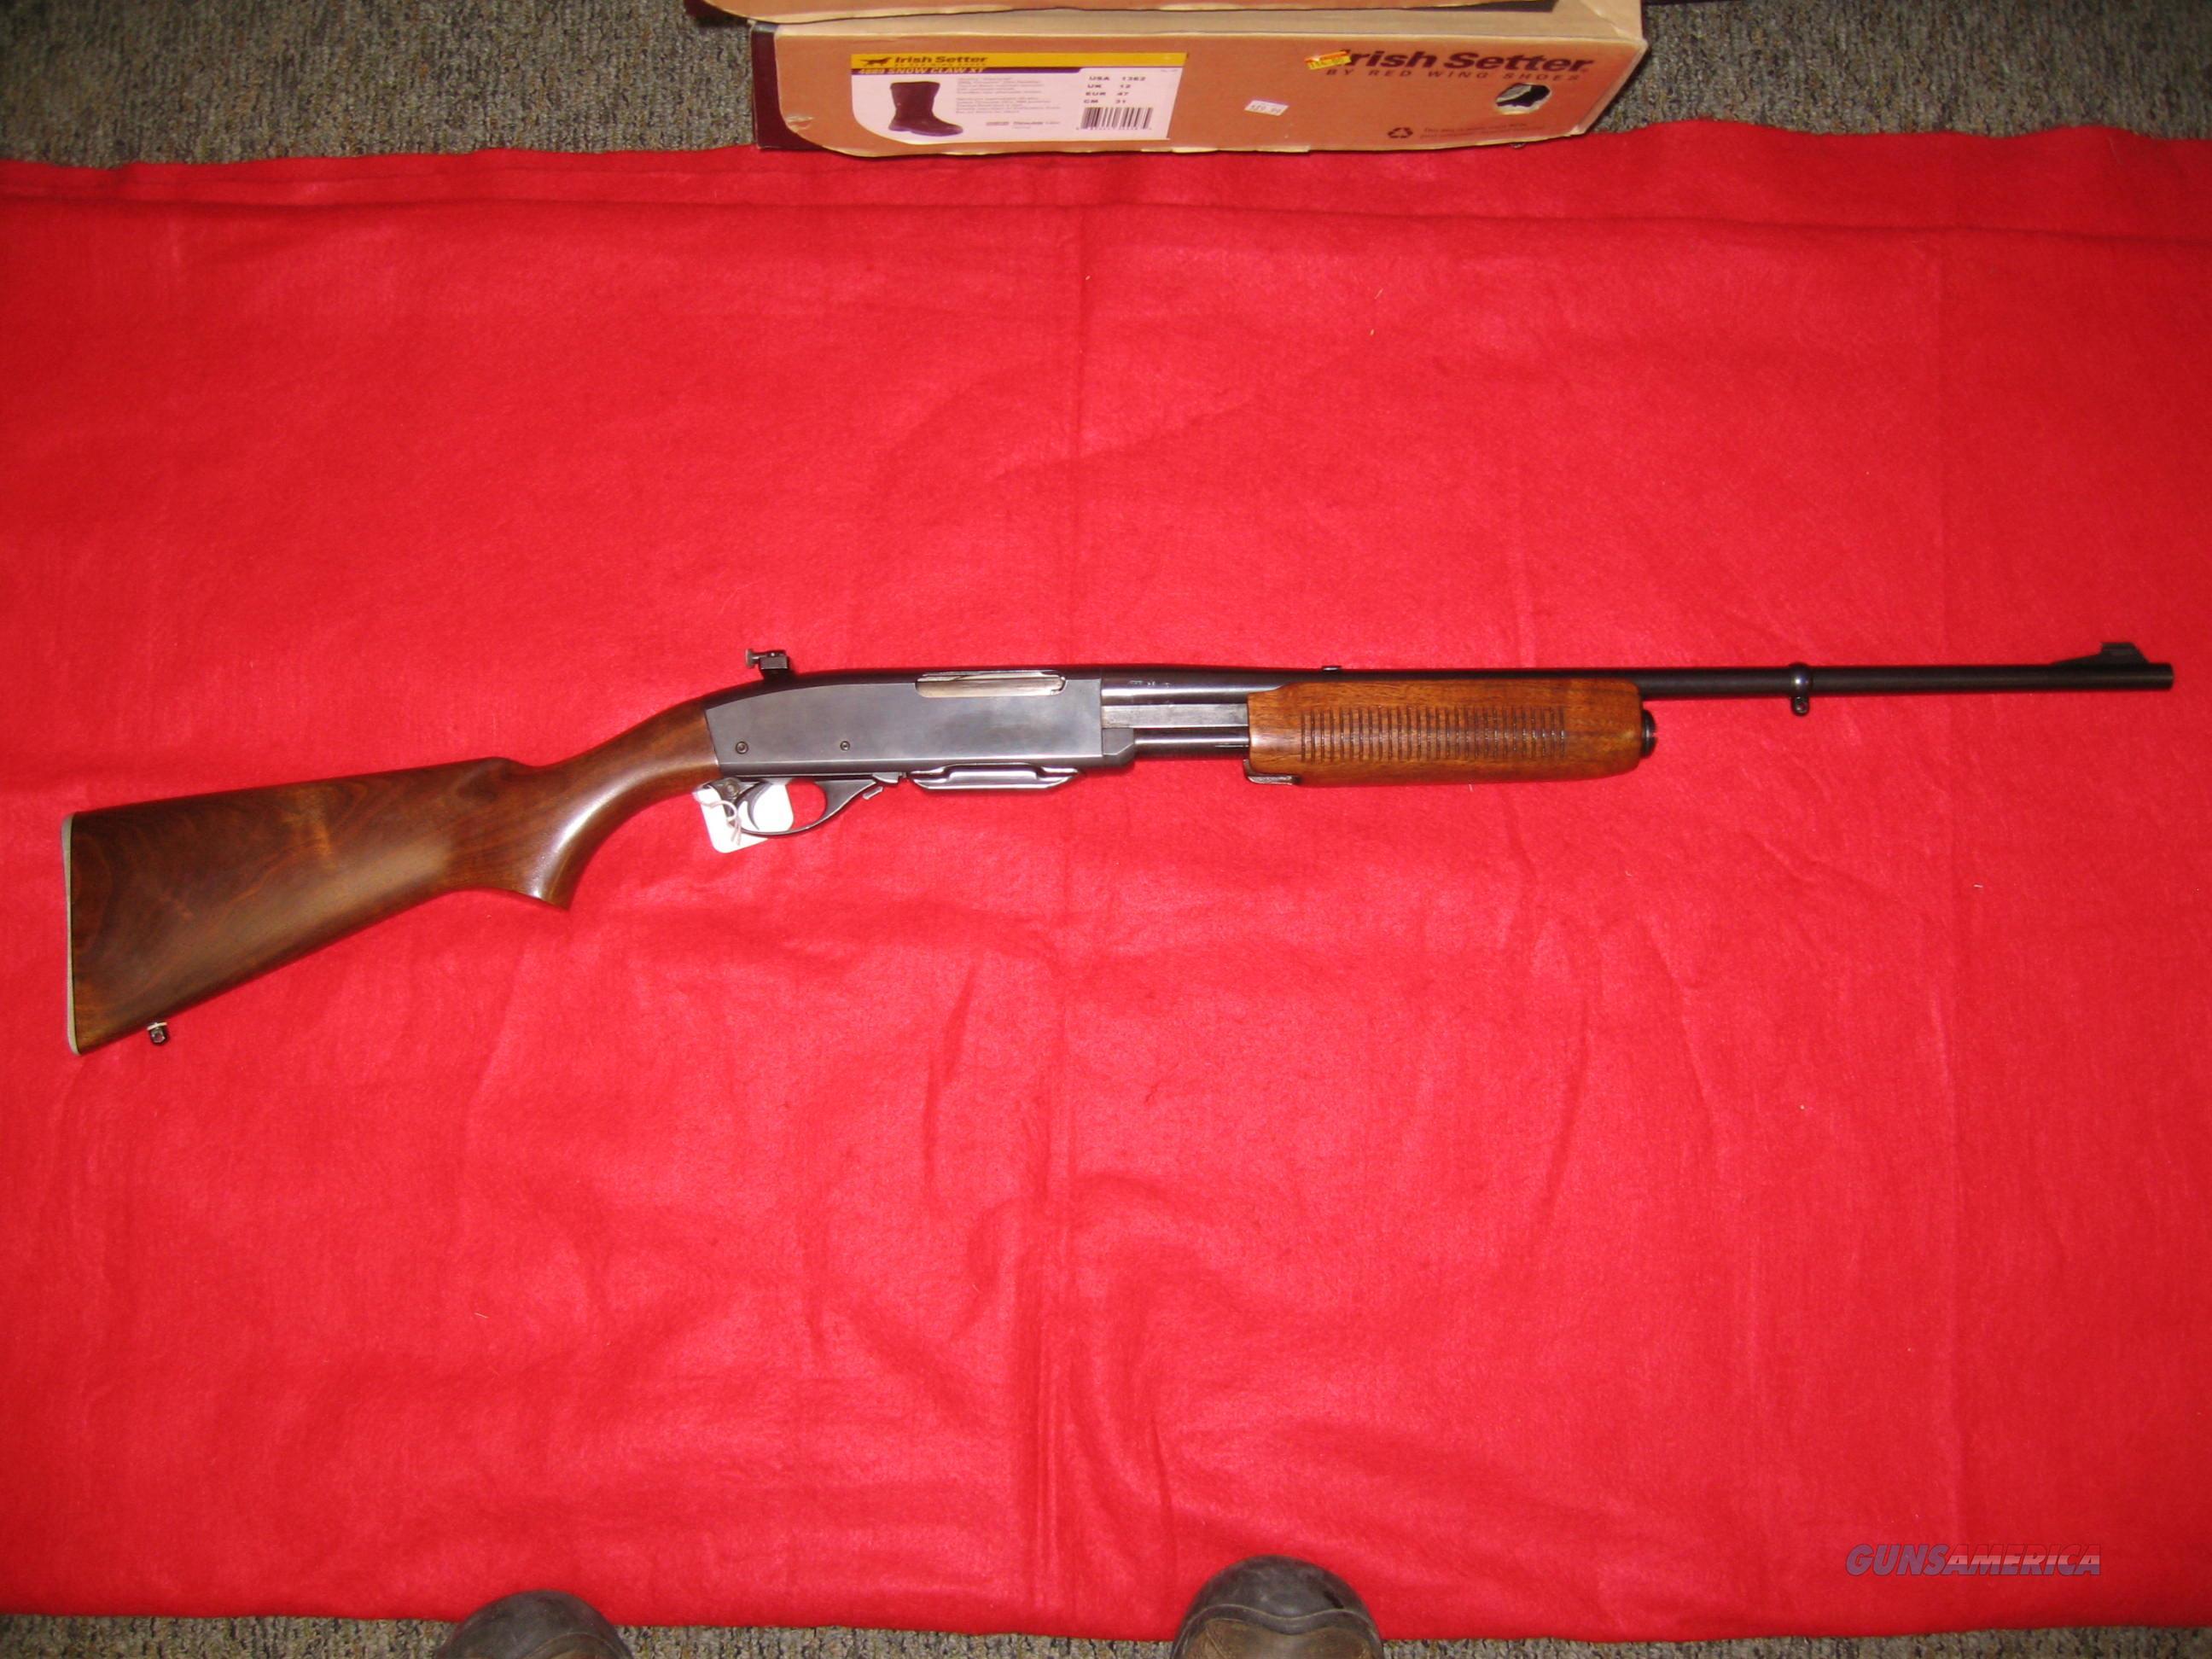 Remington 760 pump action in 35 Remington